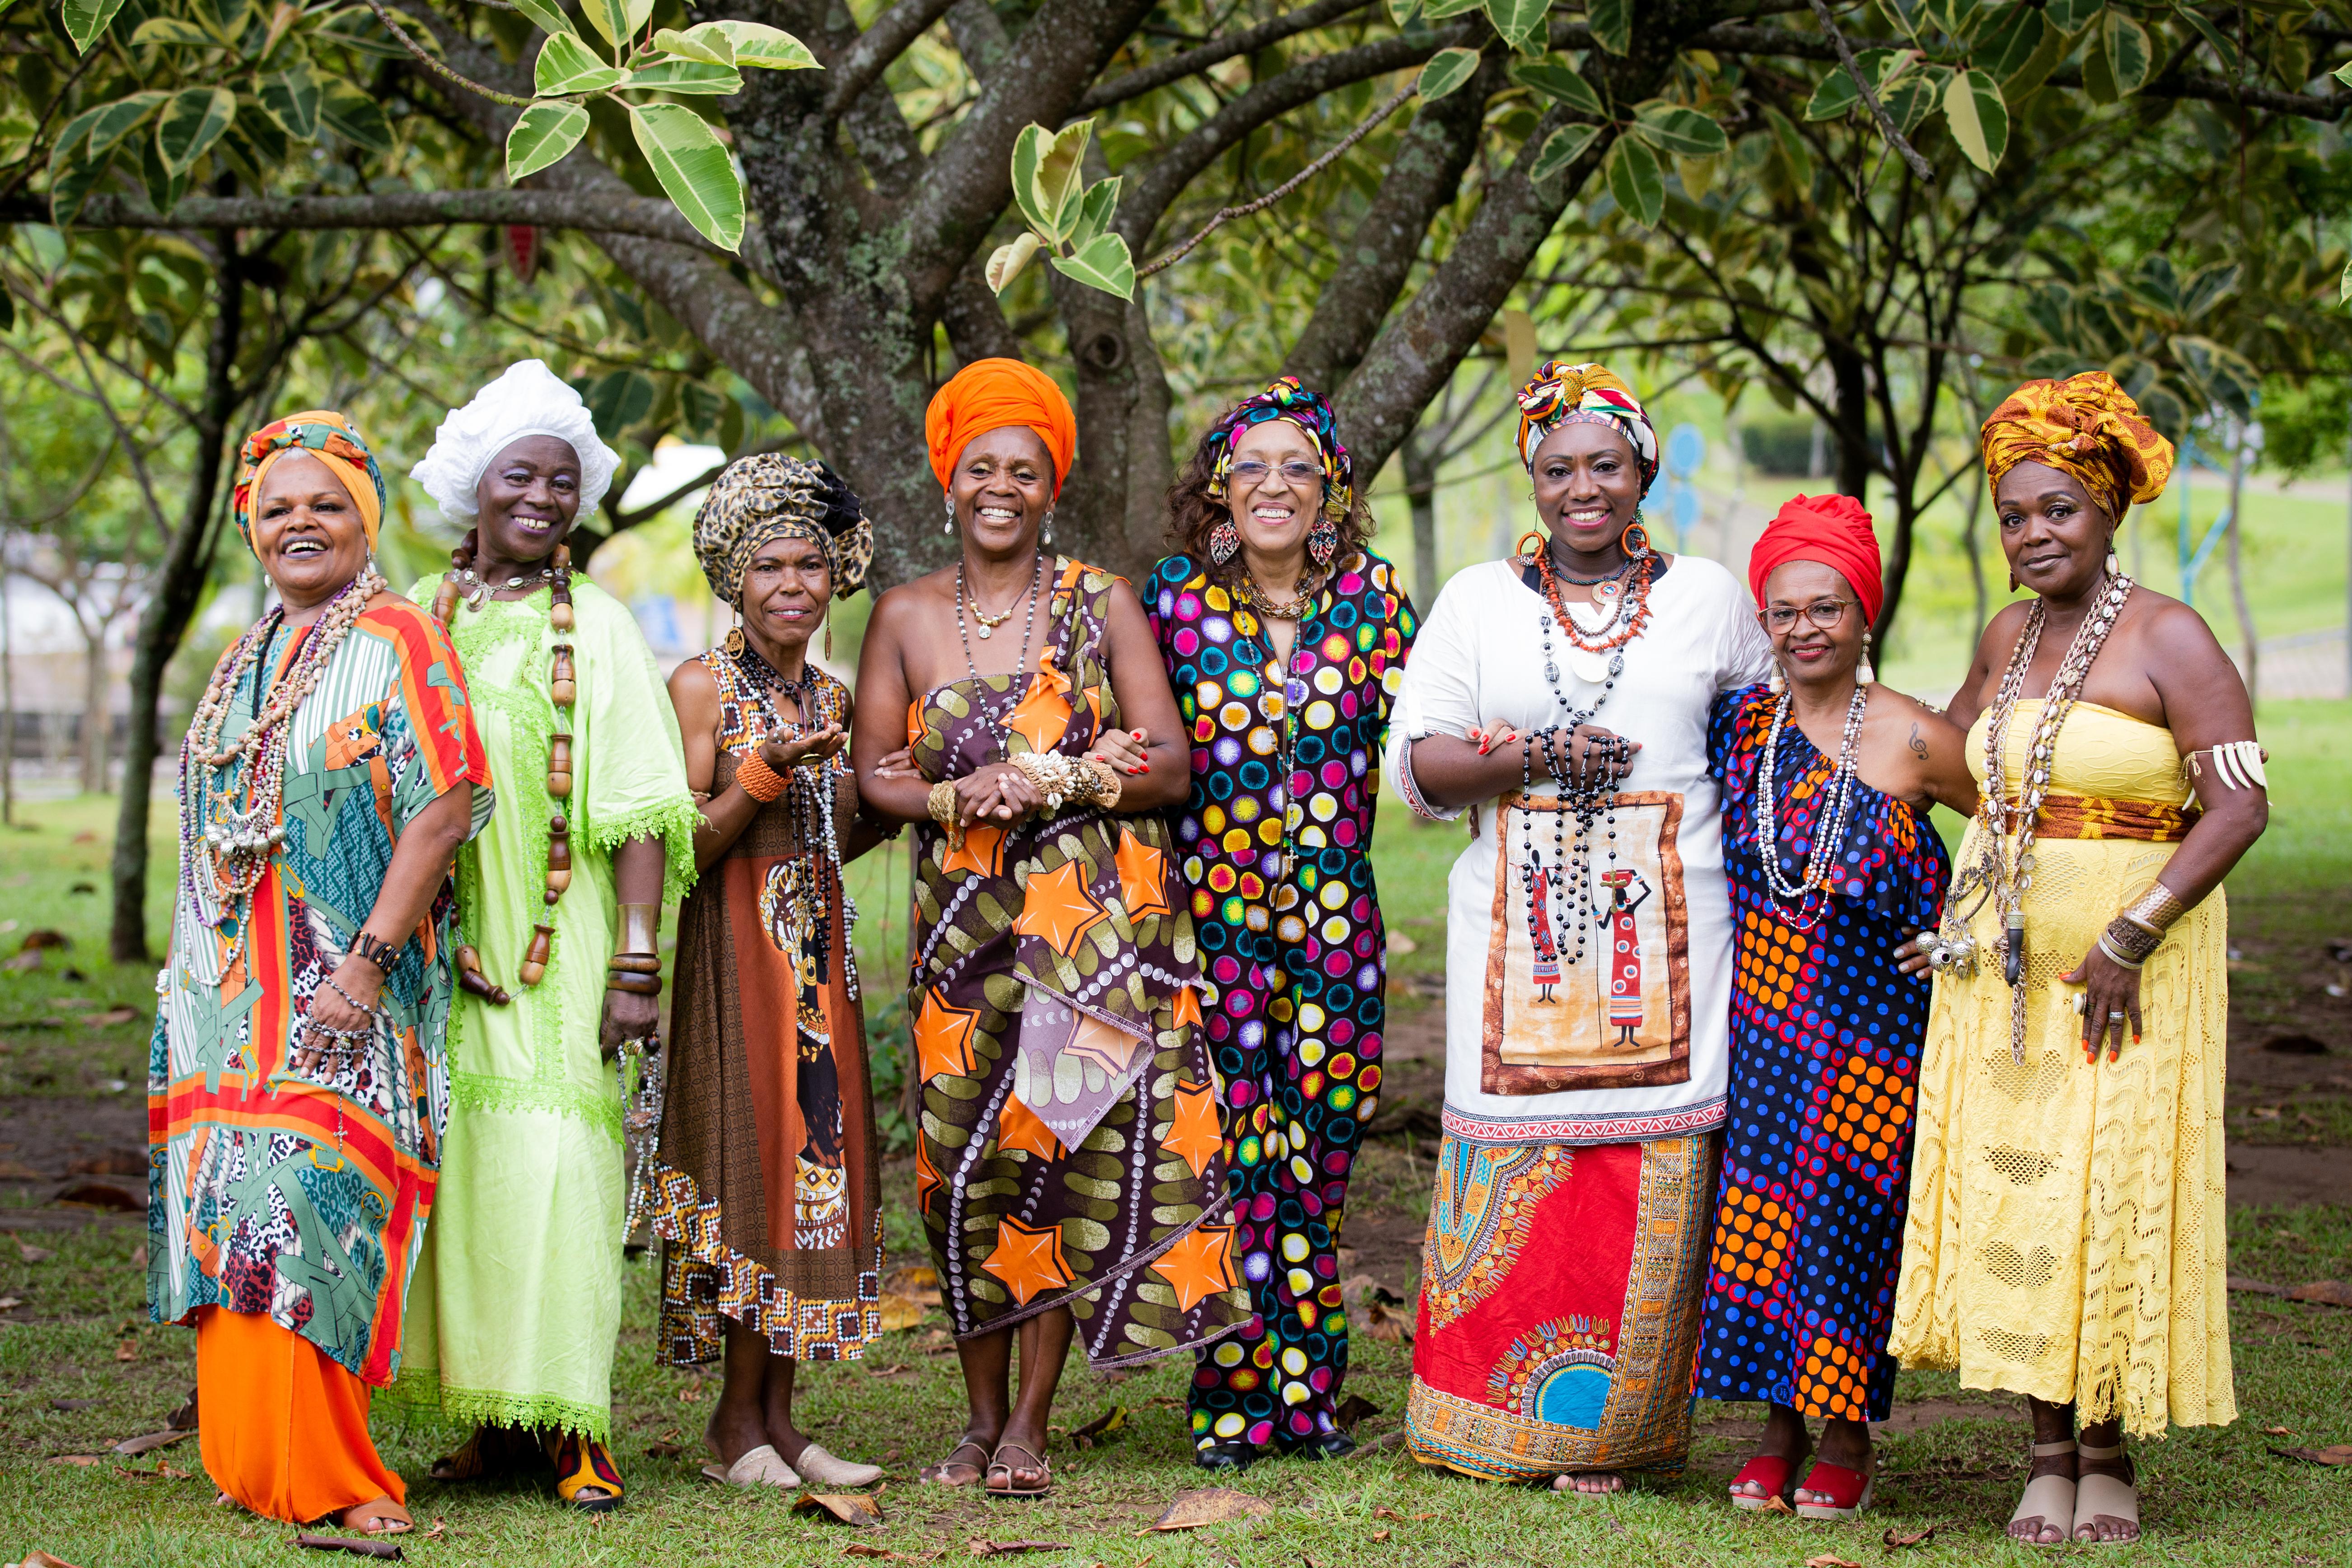 As Pastoras do Rosário: Majestade Sol, Marlei Madalena, Sandrinha do Rosário, Lara de Jesus, Neuza Lima, Dona Margarida, Wilma Silva e Carla Lopes